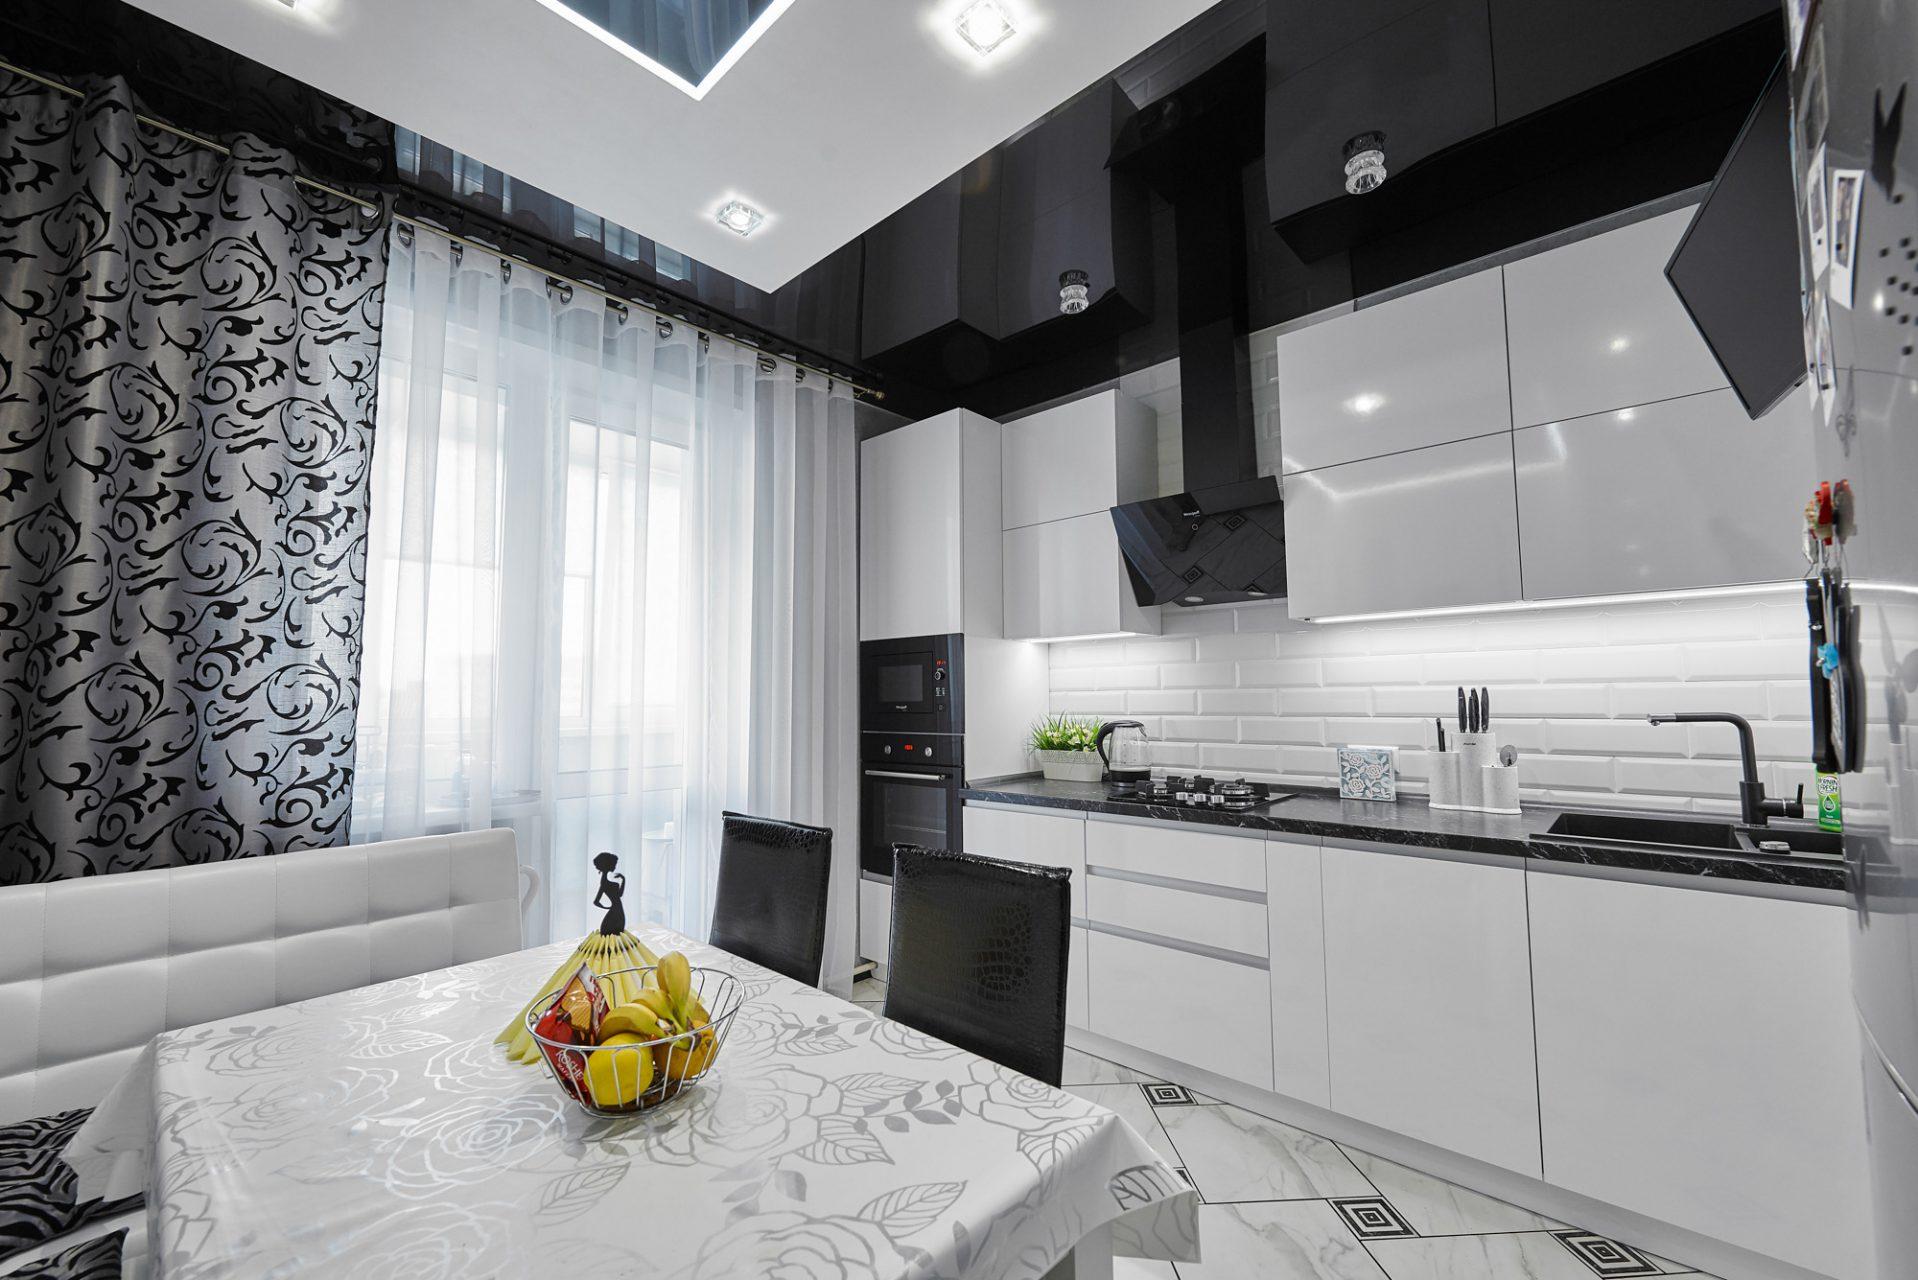 001_interior_kitchen6_korneychikeu